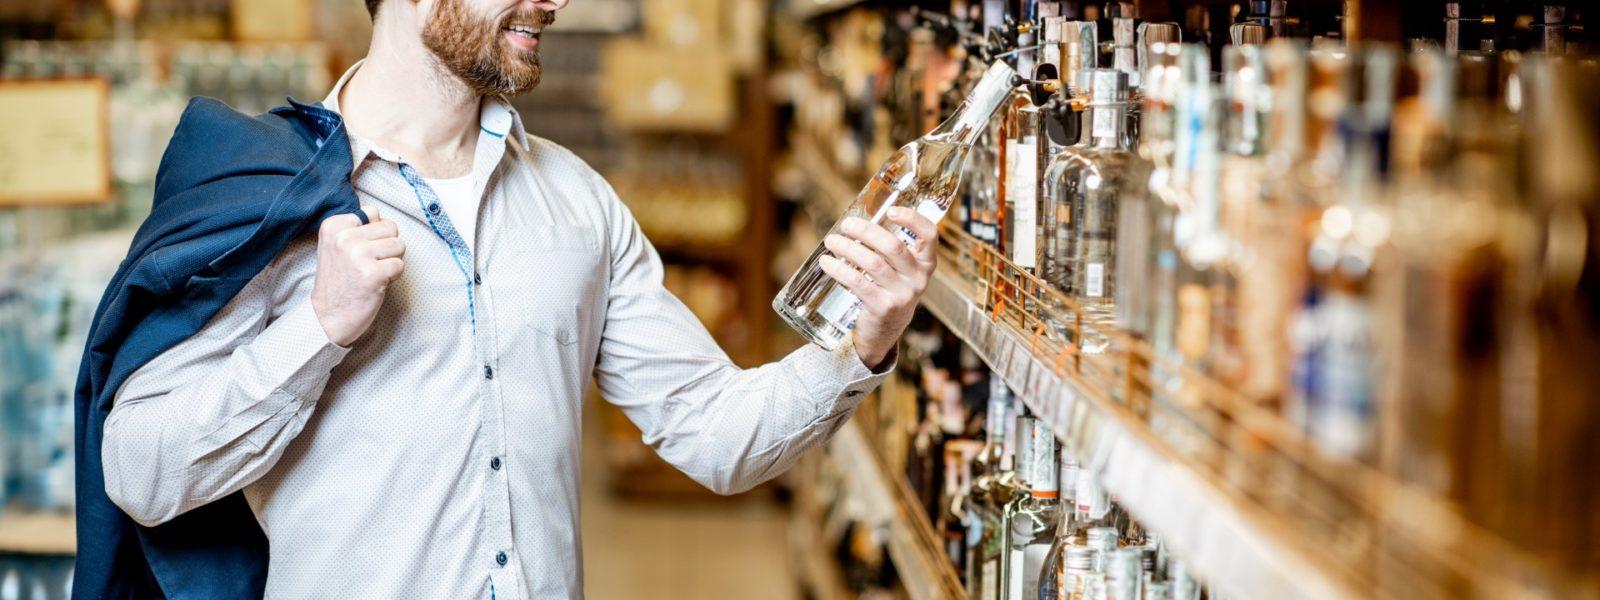 Jak zmieniają się preferencje alkoholowe Polaków